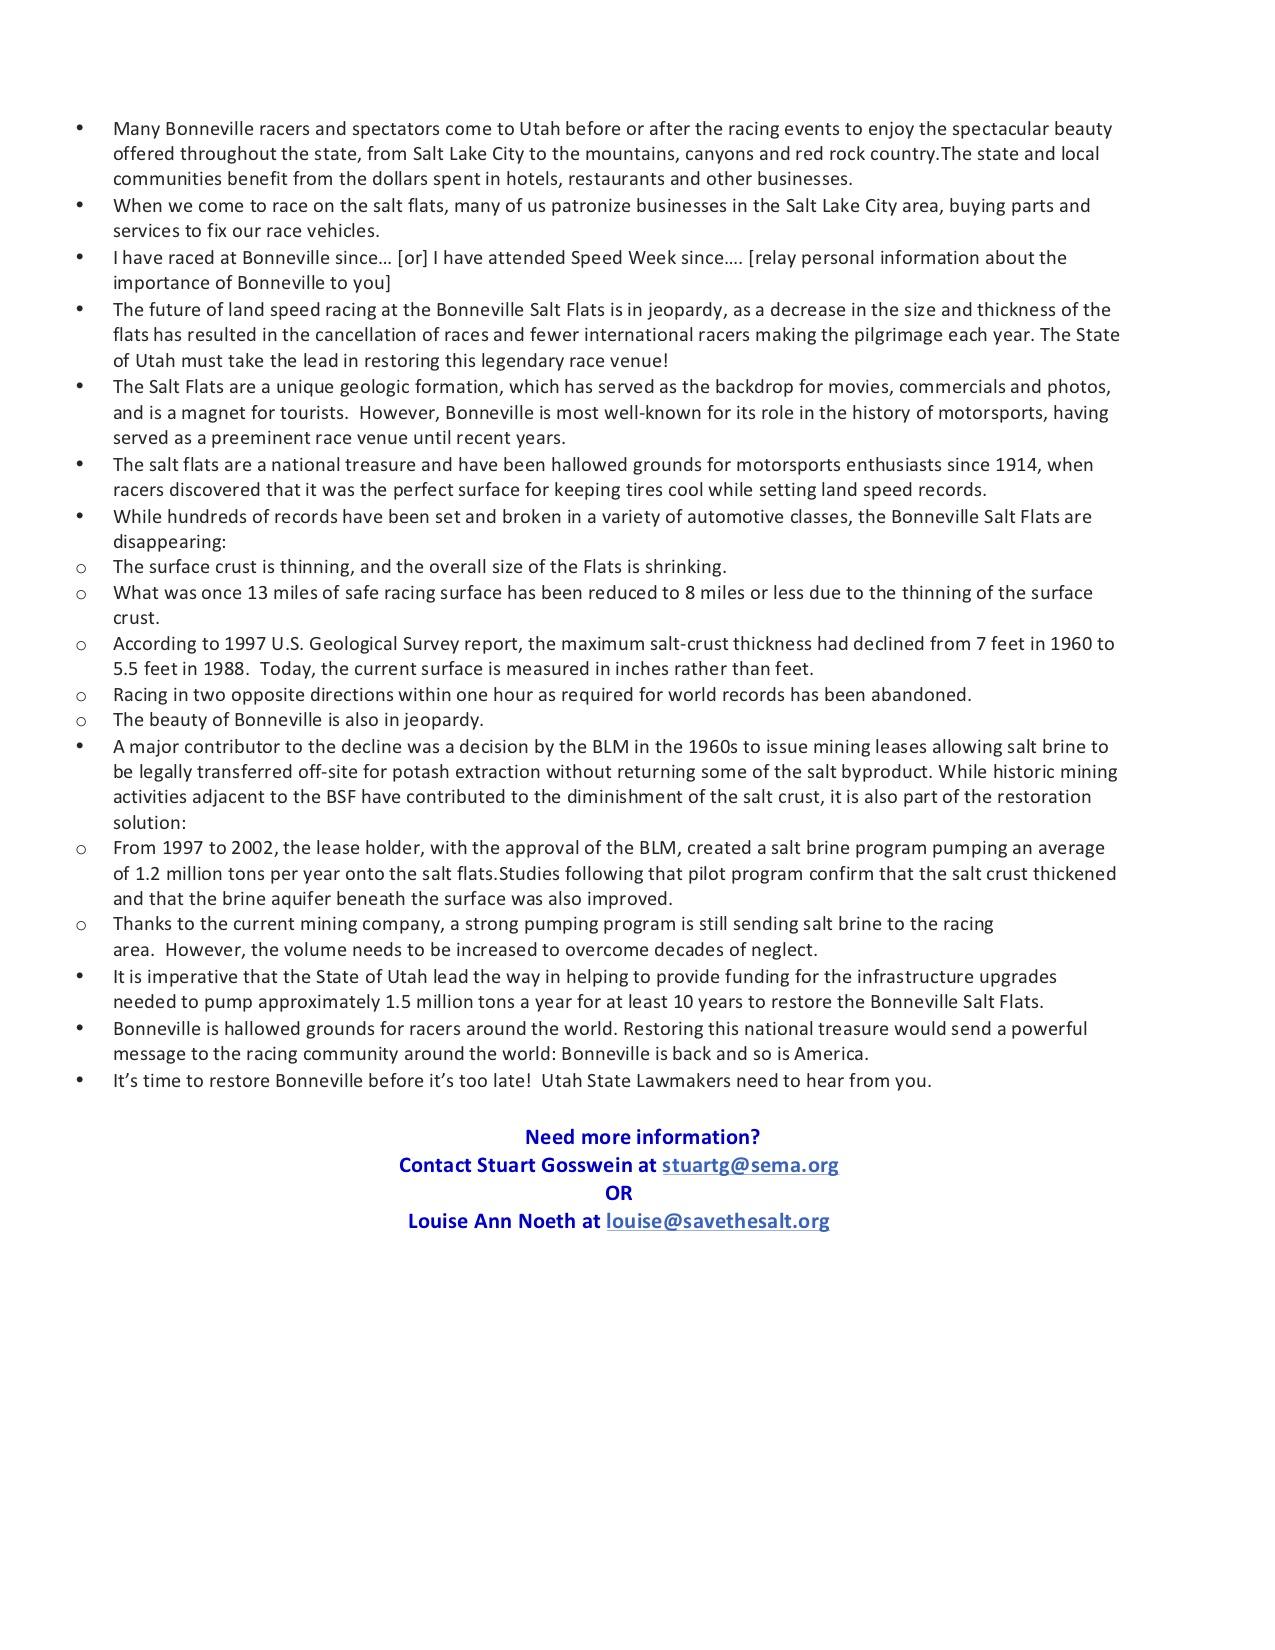 Utah EAC SANCTIONS 26FEB2019-3.jpg